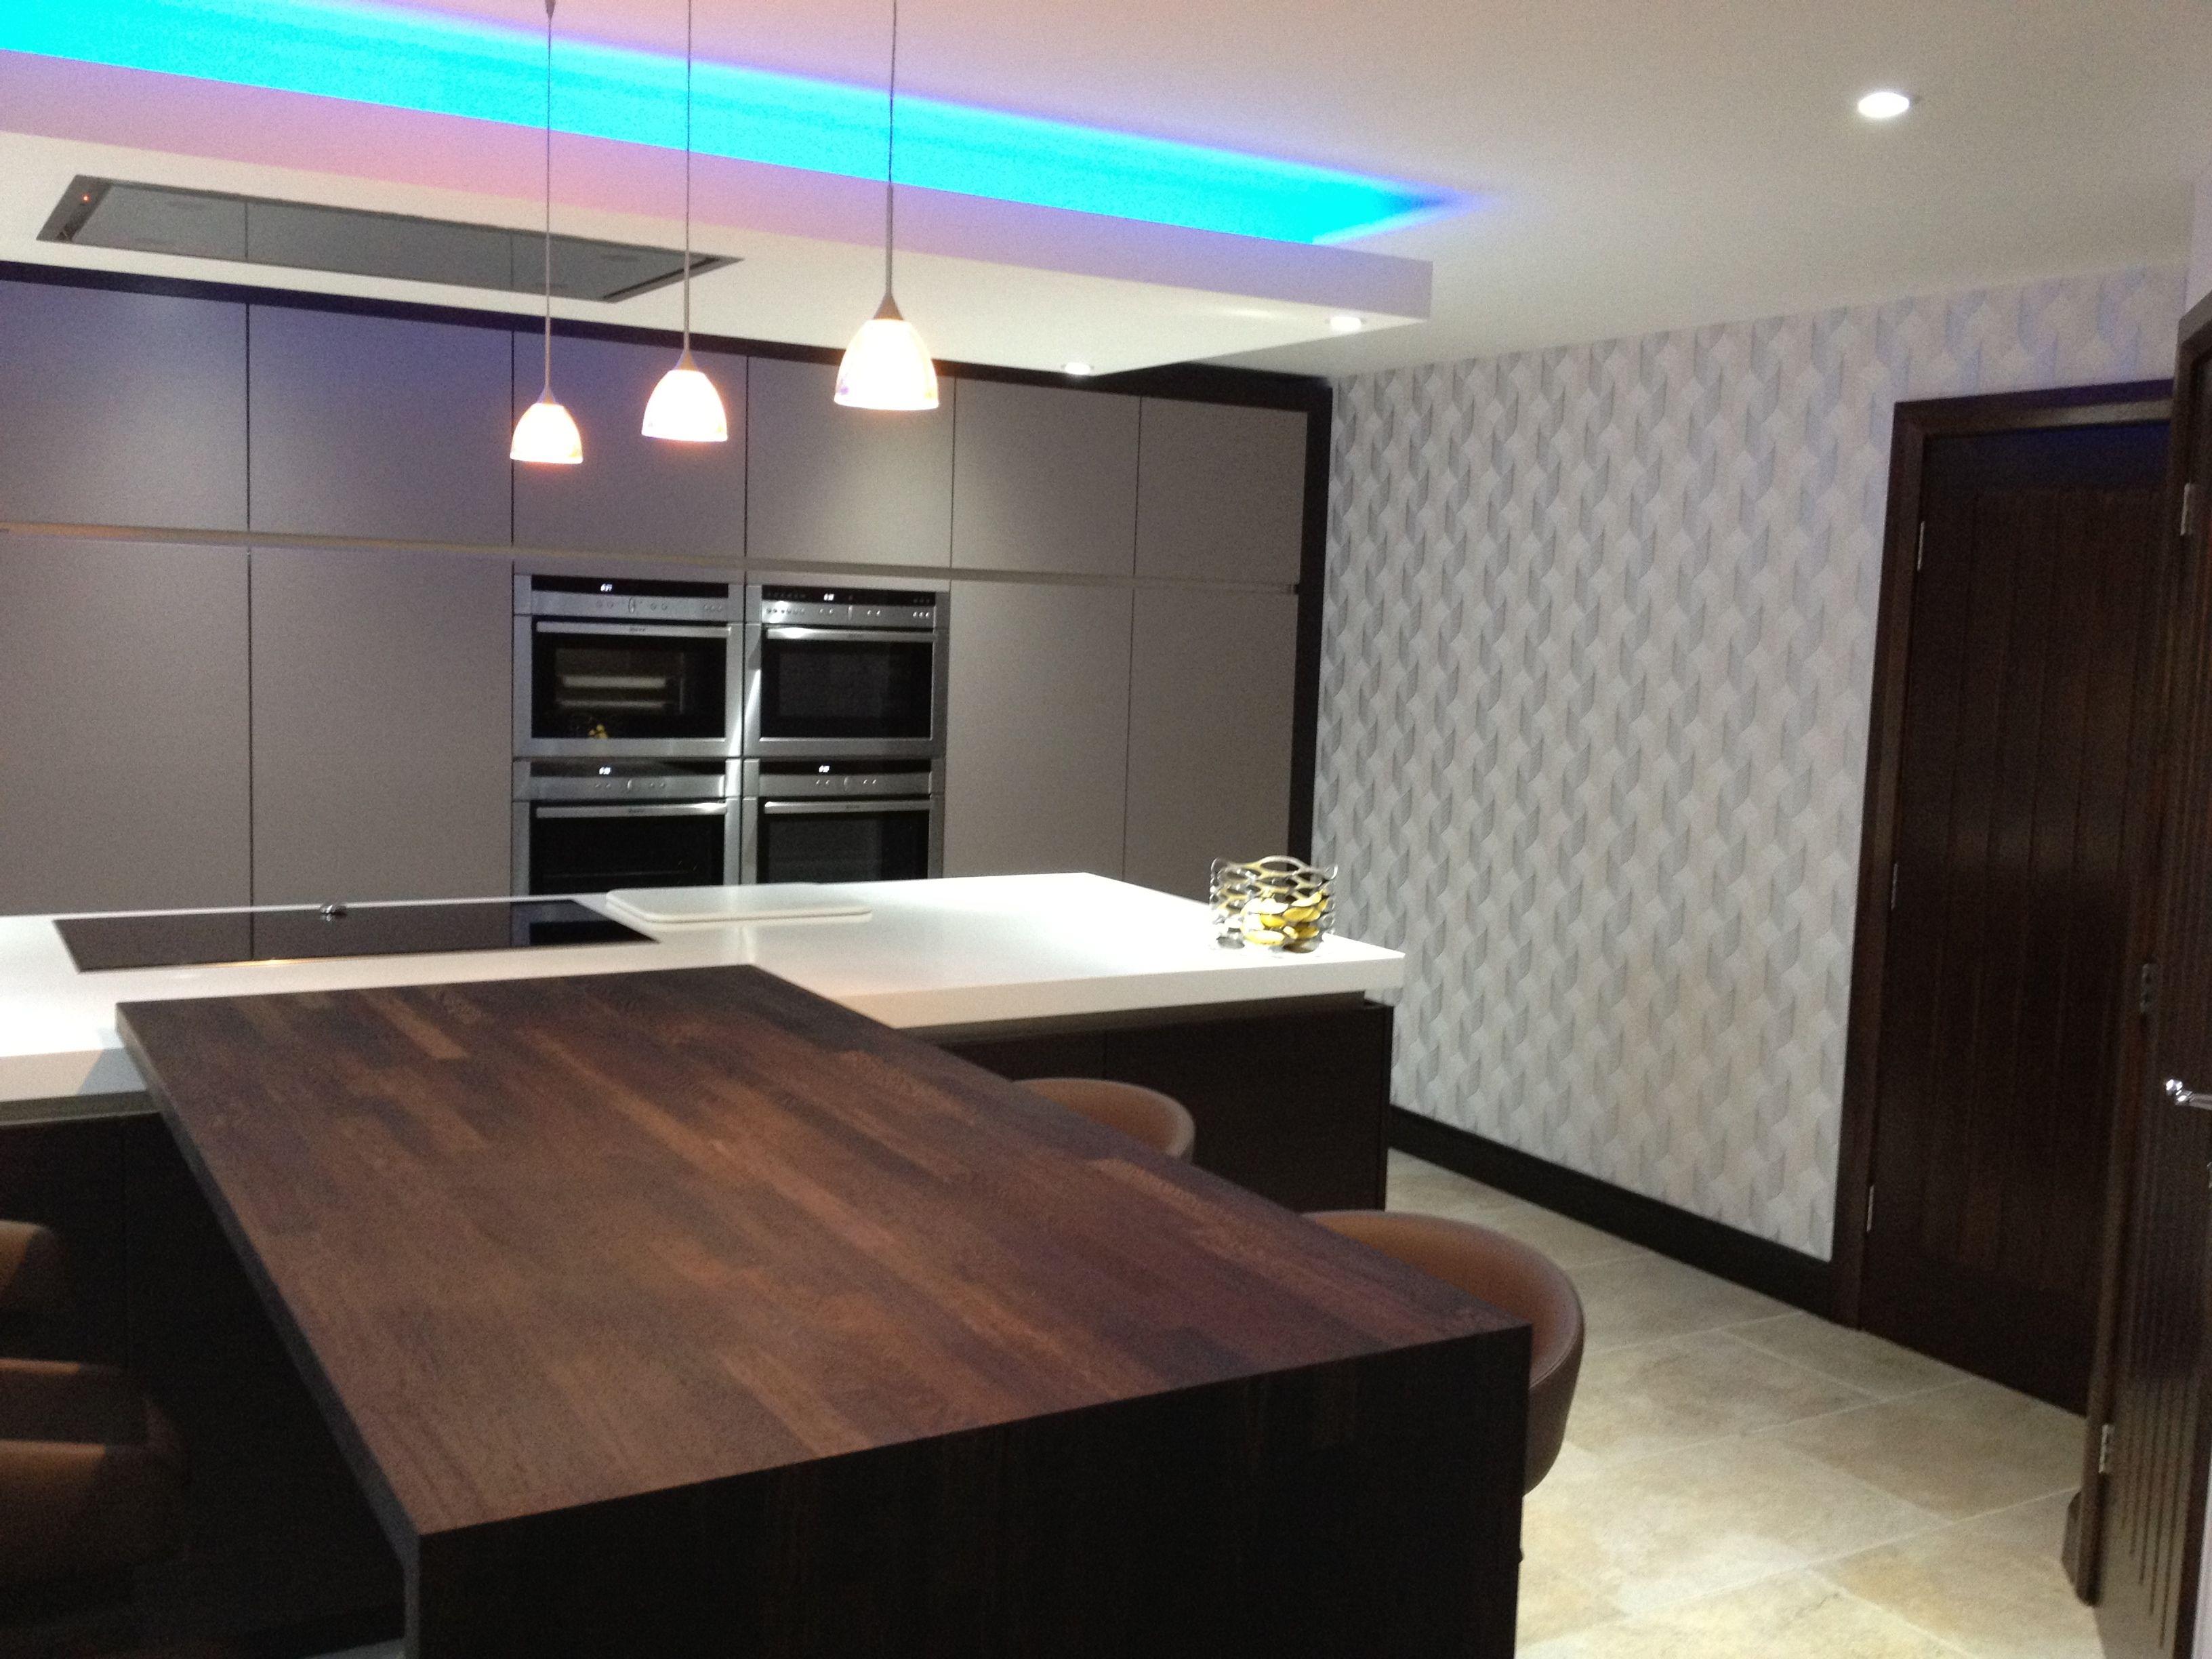 Led Kitchen Ceiling Strip Lights